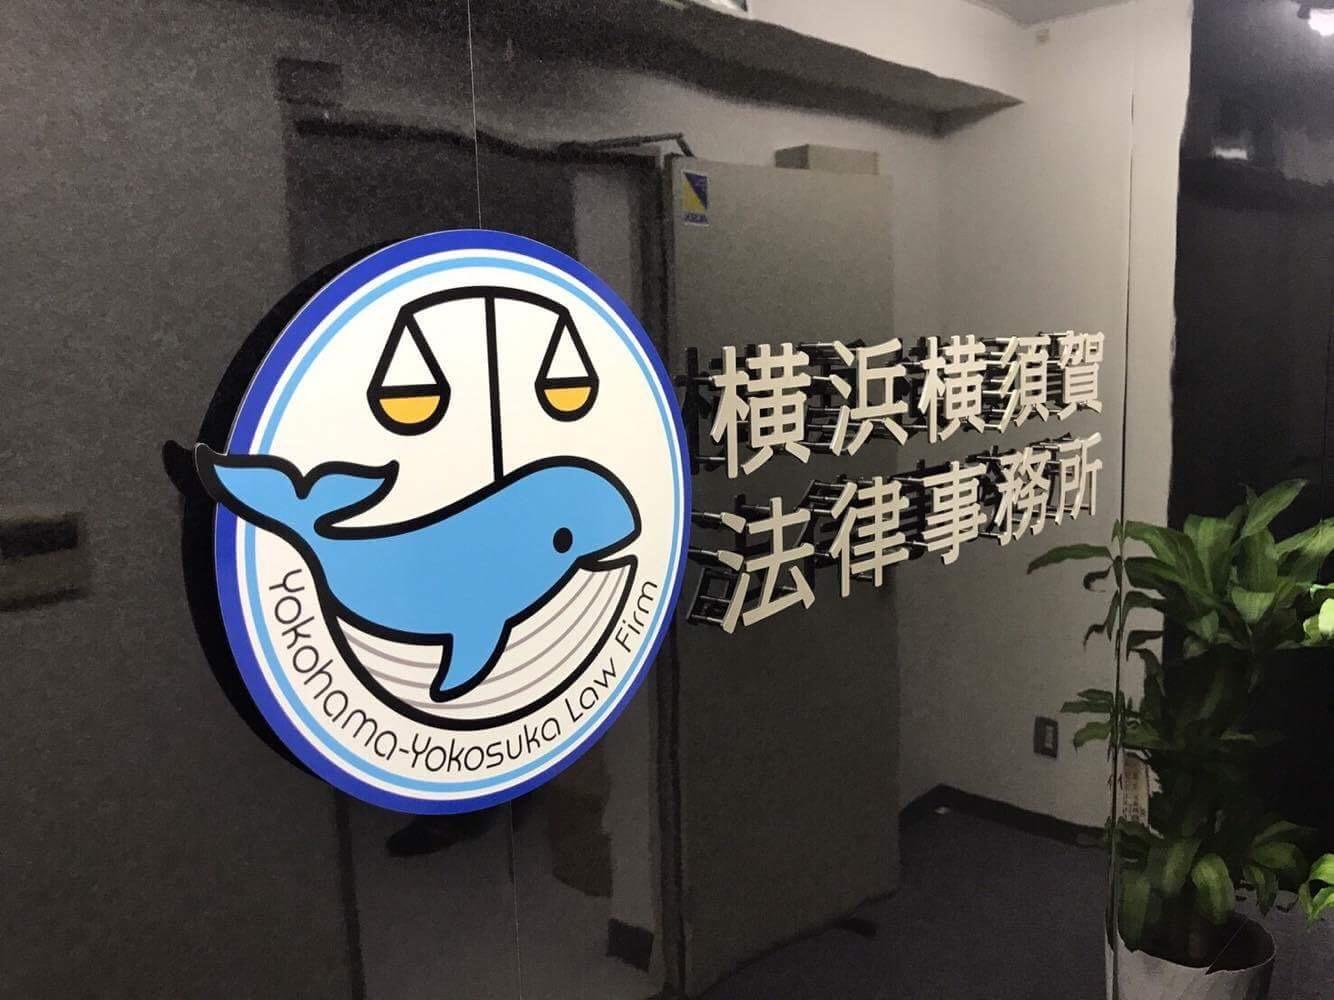 神奈川県 横浜横須賀法律事務所 様